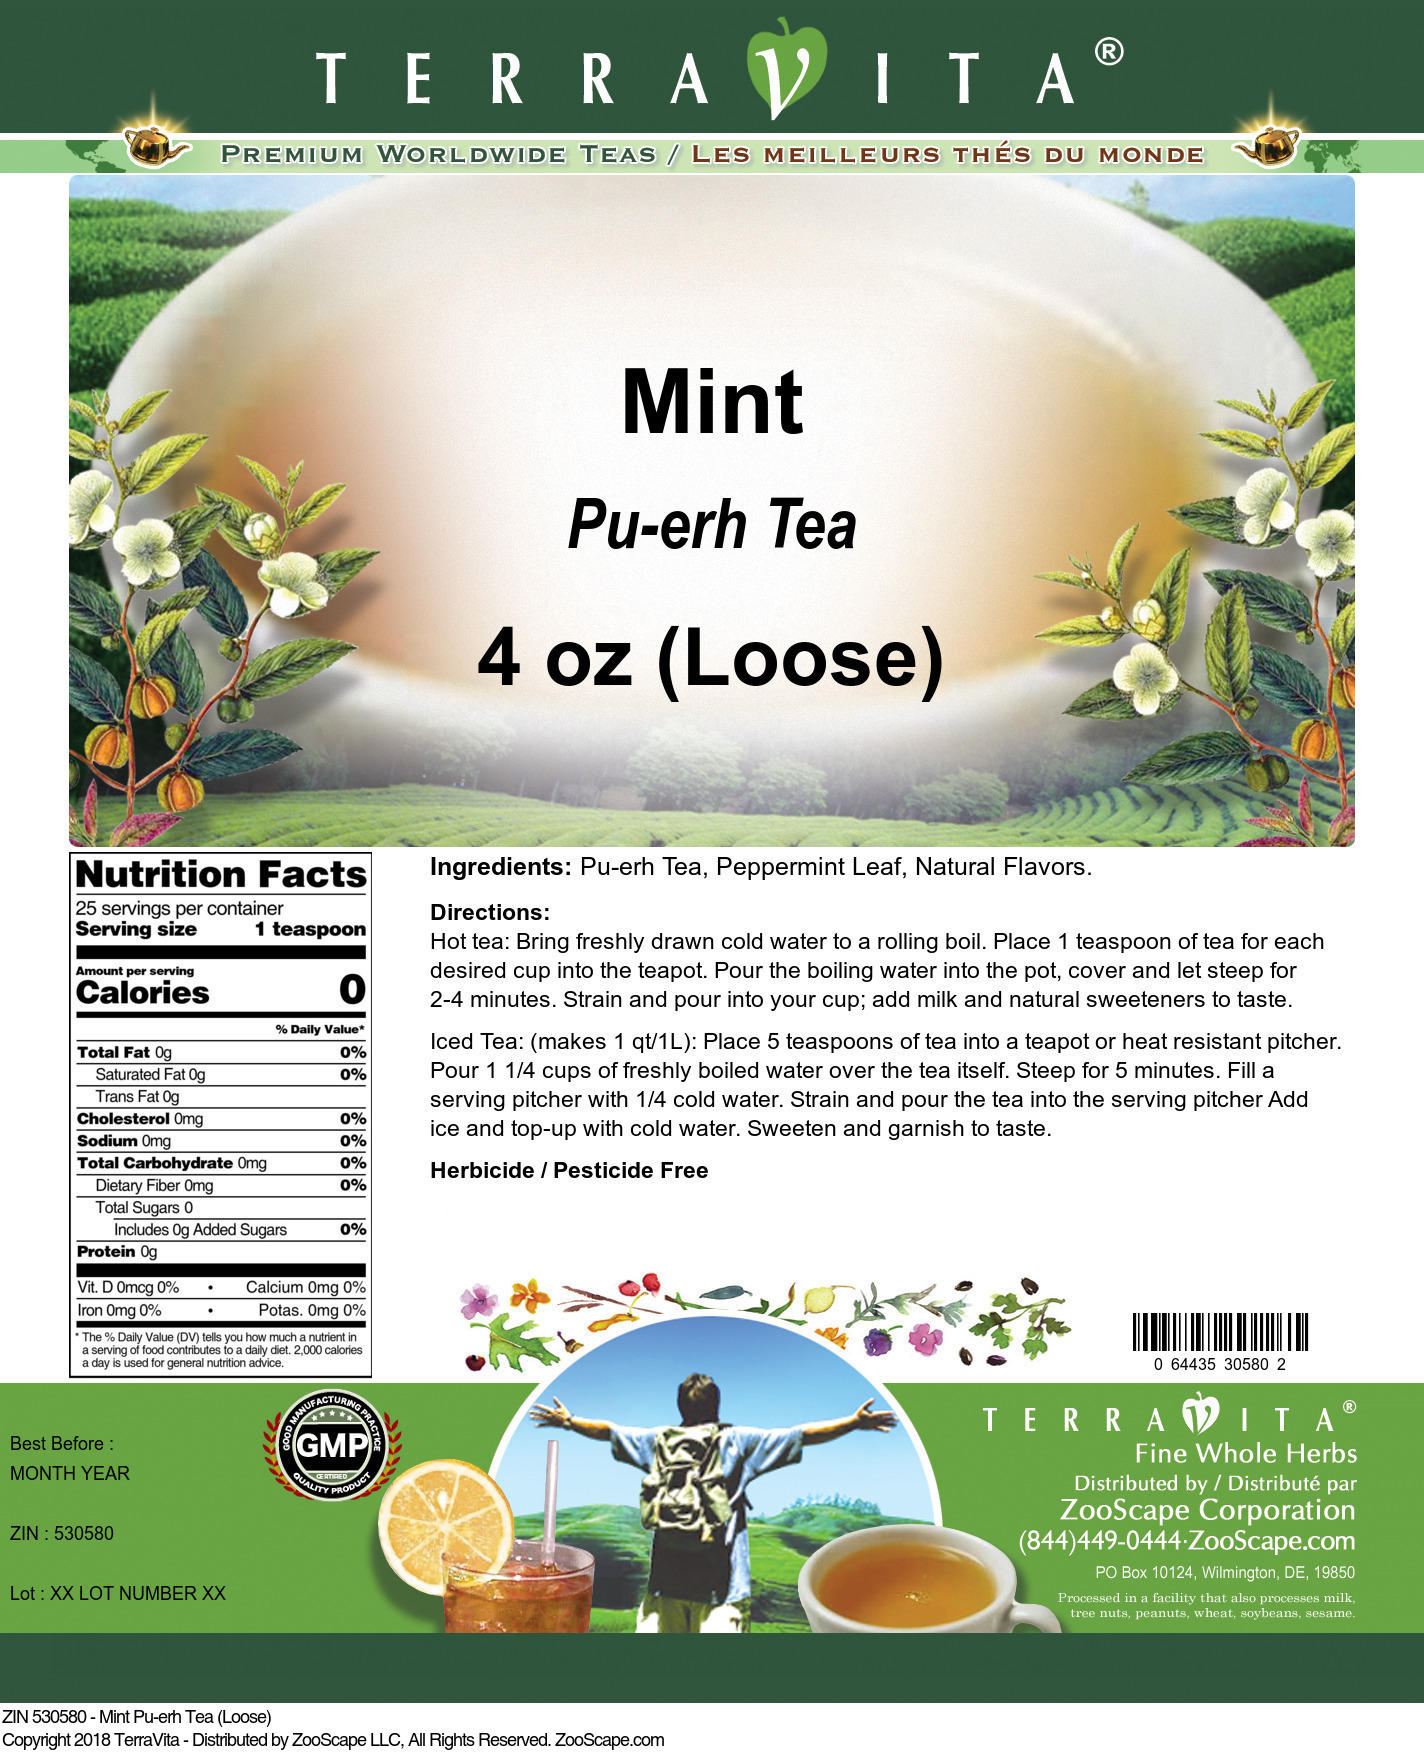 Mint Pu-erh Tea (Loose)